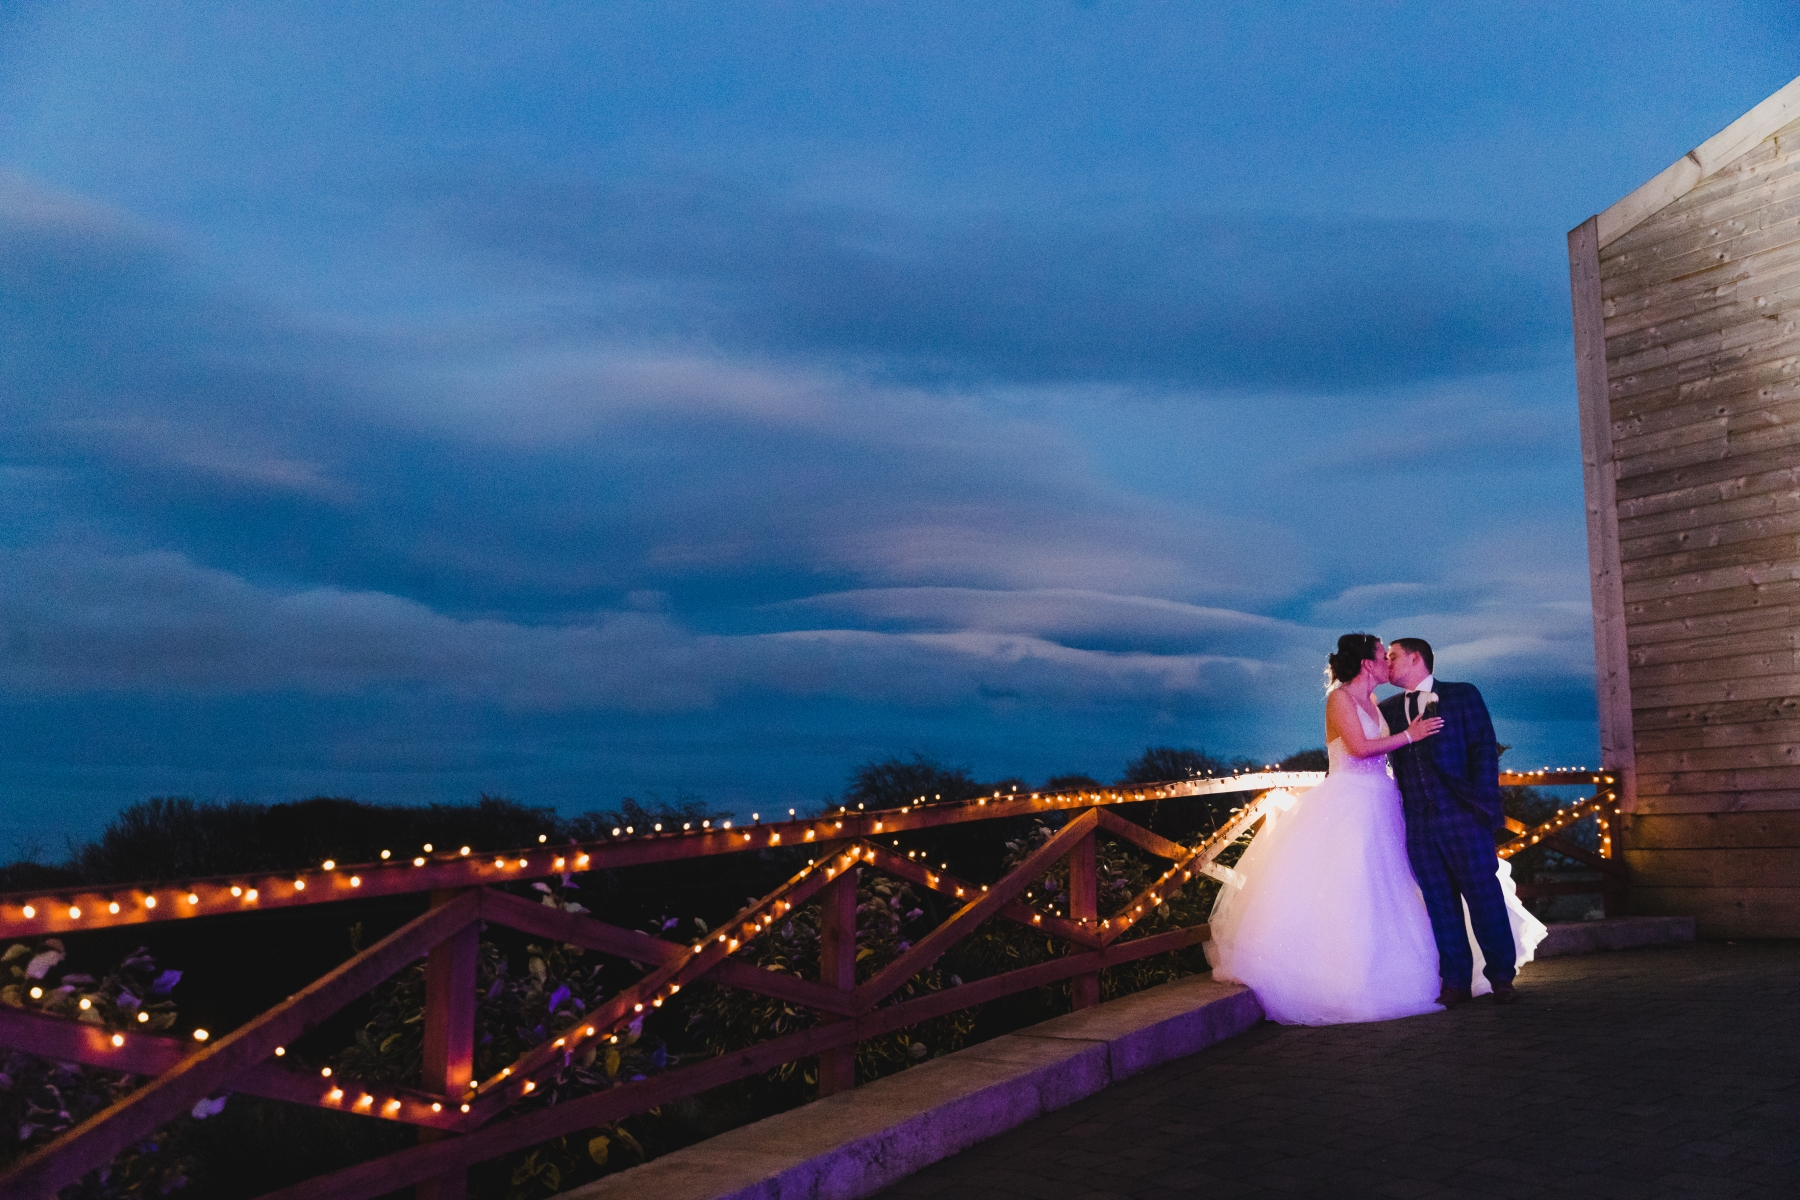 180320-Joanna-Maddison-and-Liam-Chambers-Wedding-Final-1185